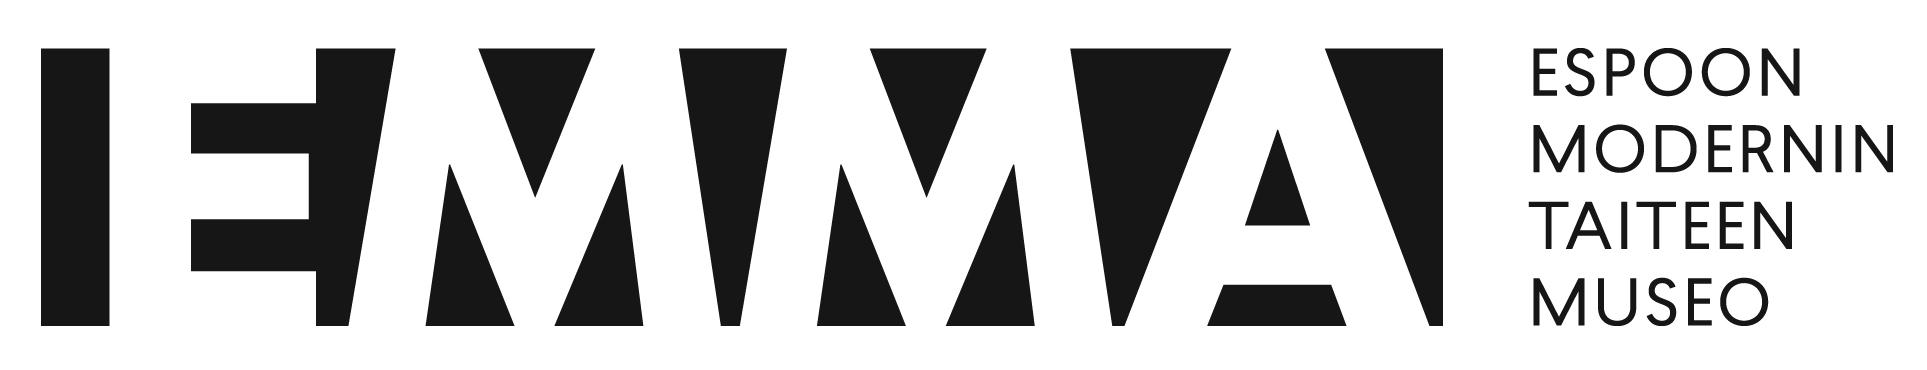 EMMA – Espoon modernin taiteen museo